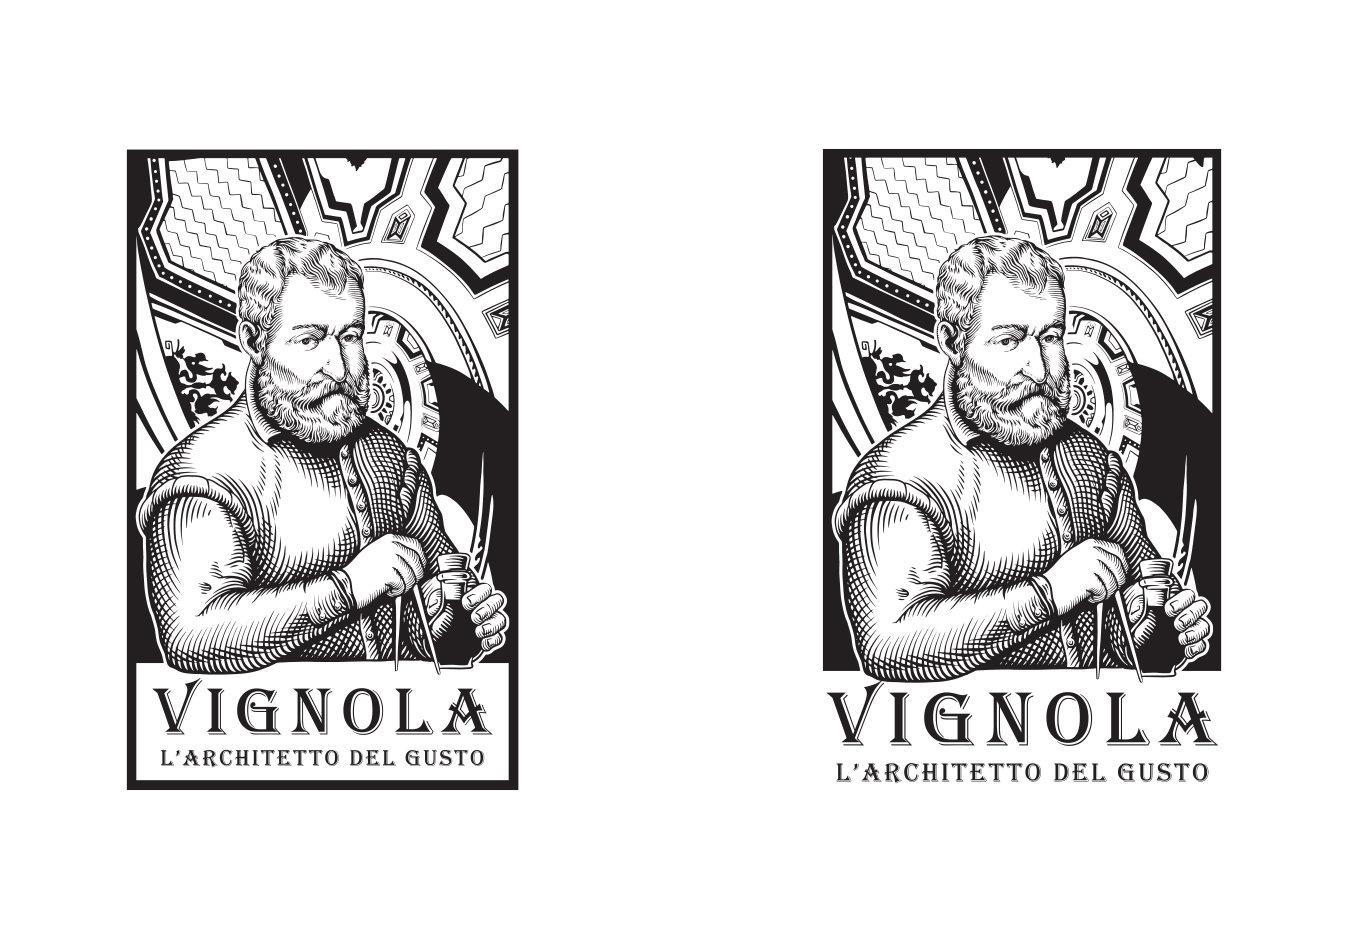 vignola_aceti_001